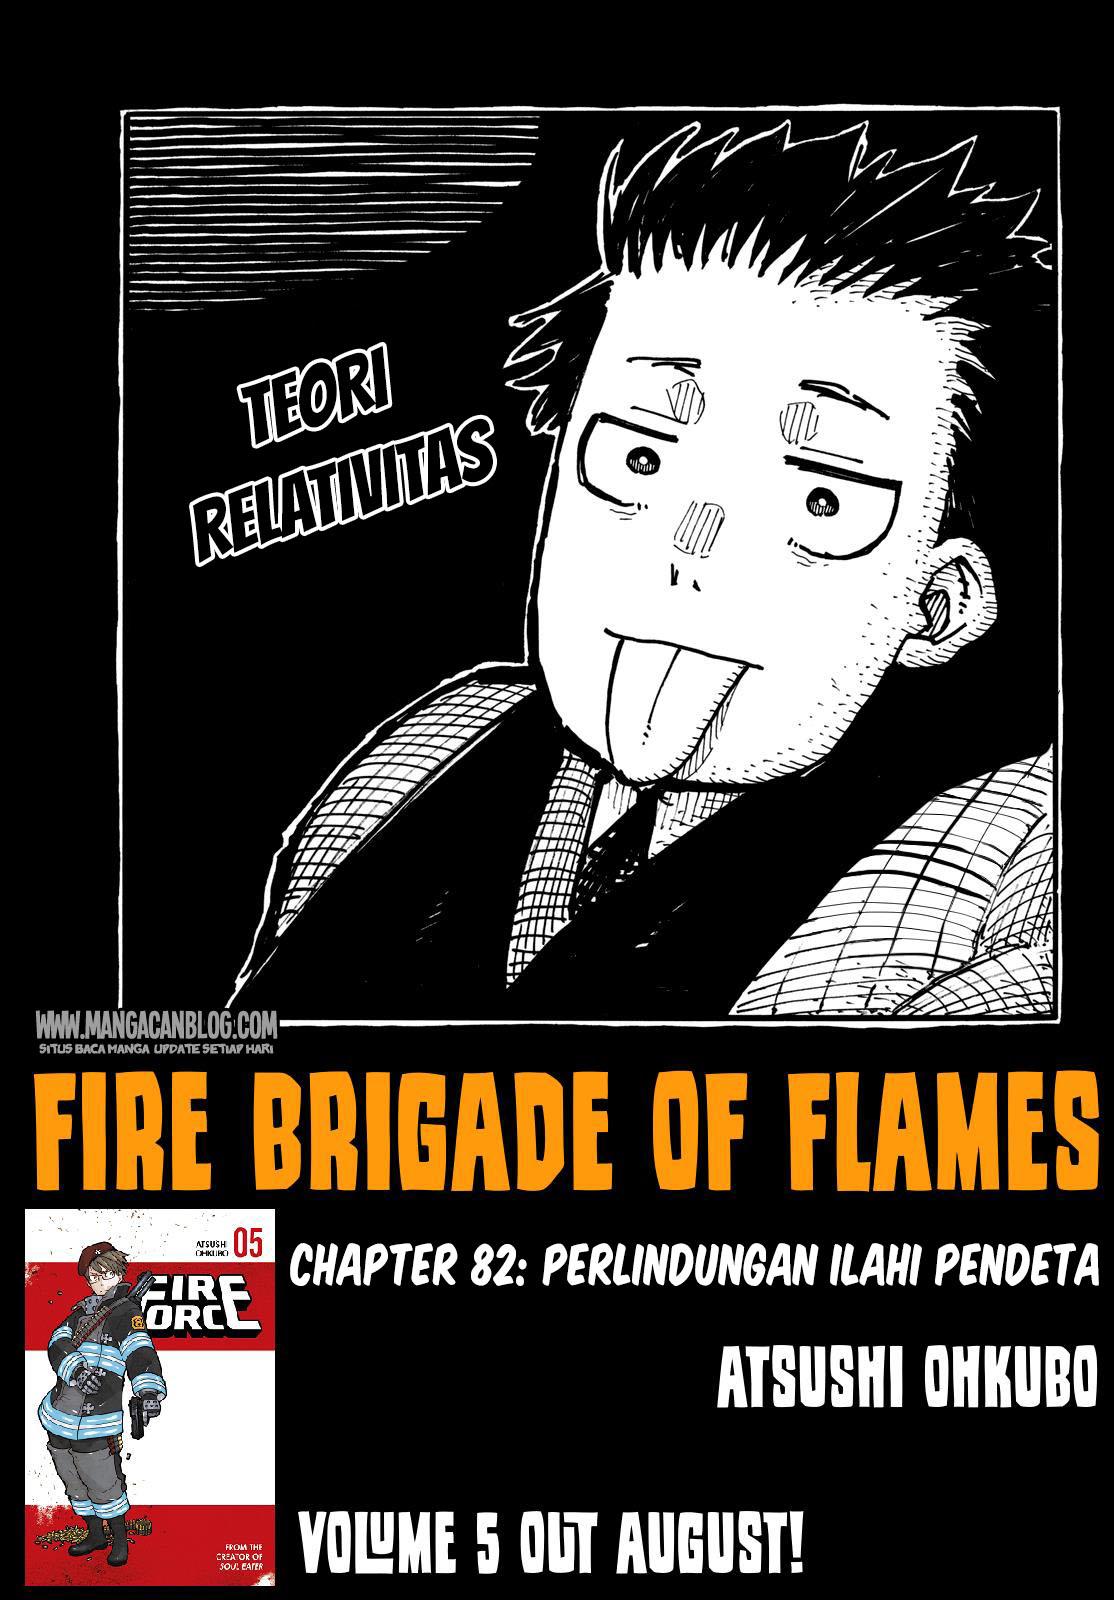 Komik fire brigade of flames 082 - perlindungan ilahi pendeta 83 Indonesia fire brigade of flames 082 - perlindungan ilahi pendeta Terbaru 1|Baca Manga Komik Indonesia